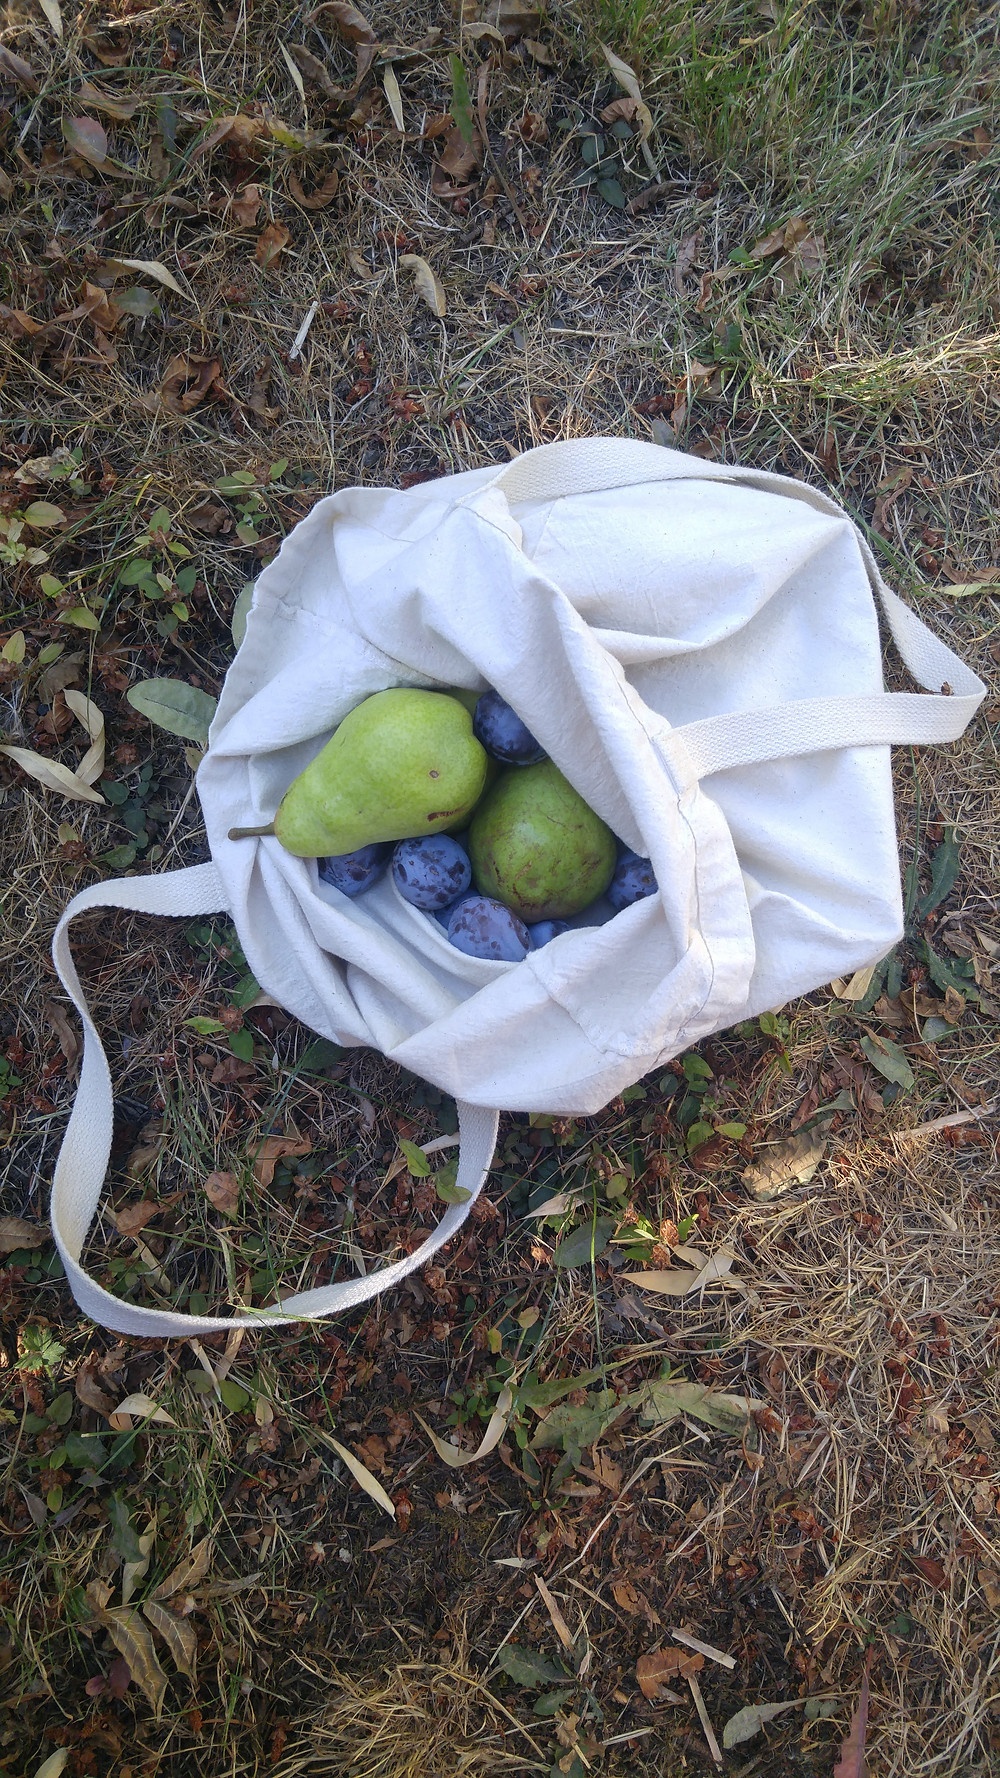 Foraged fruit